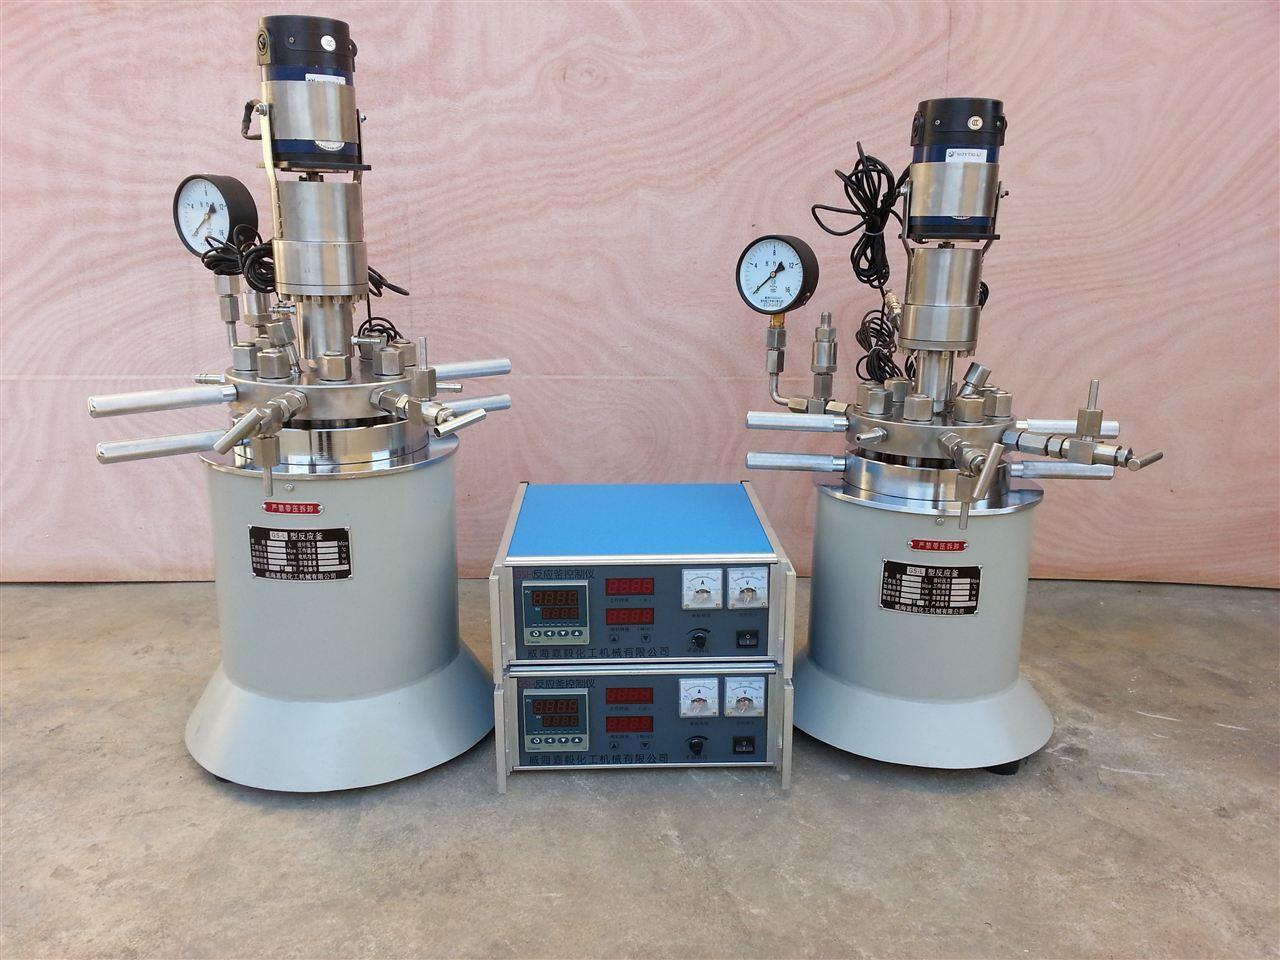 北京萊森醫藥科研開發公司實驗室反應釜